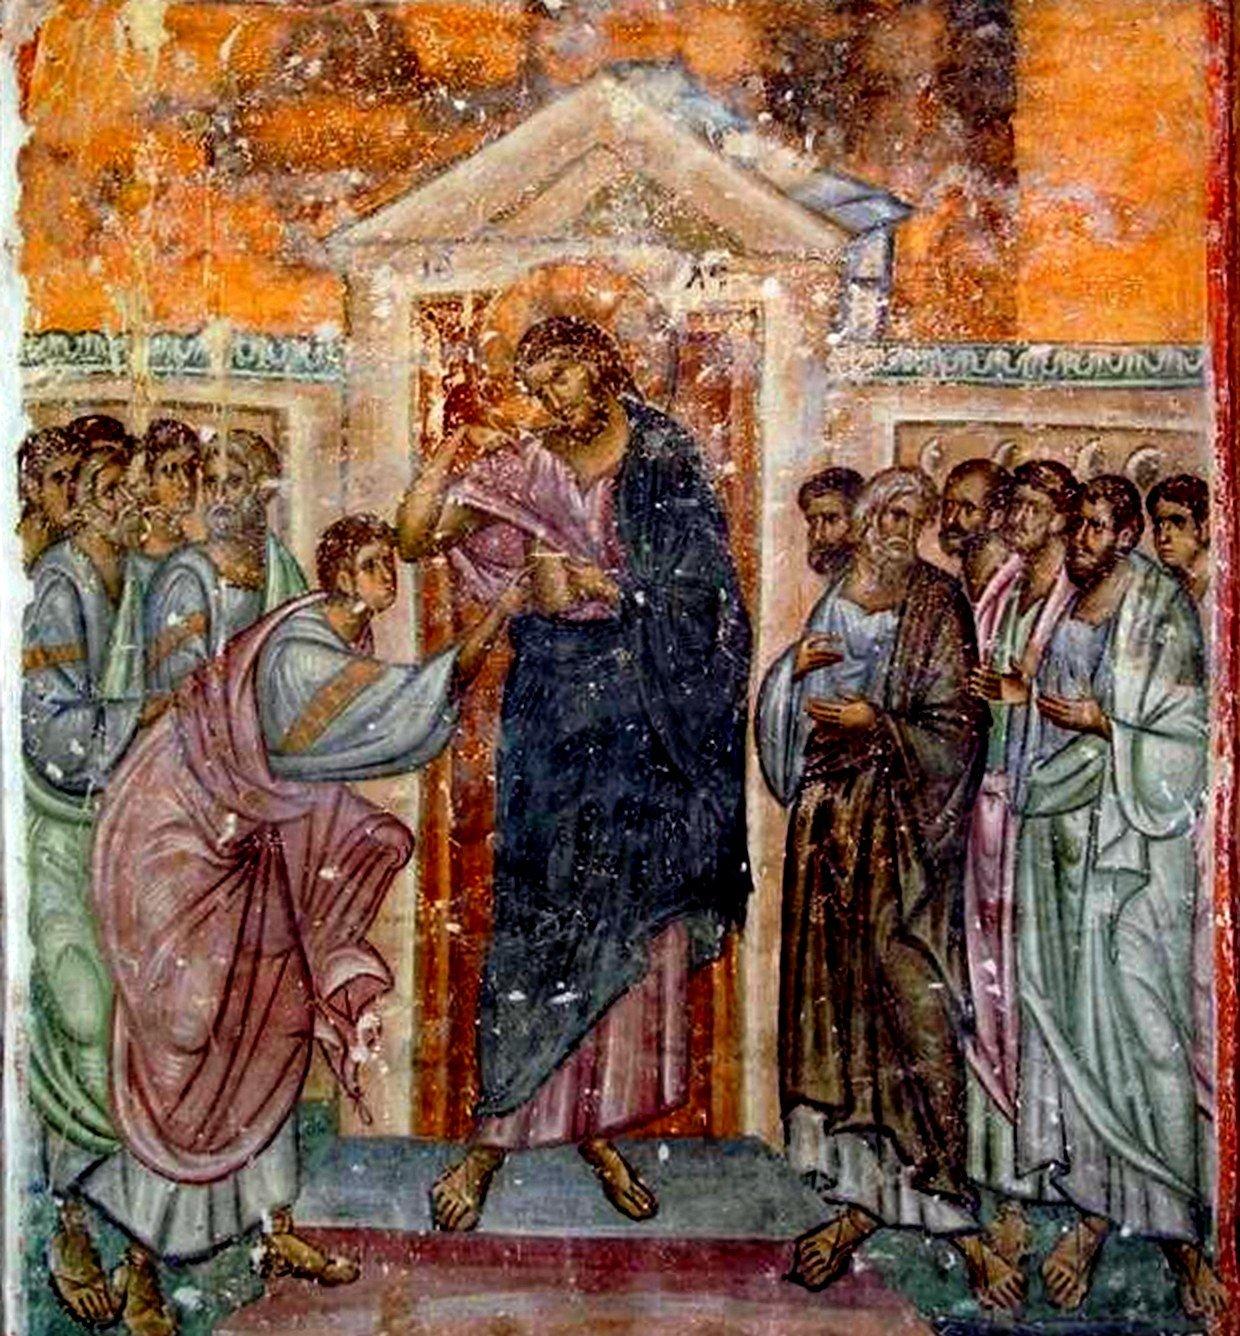 Уверение Апостола Фомы. Фреска церкви Святой Троицы в монастыре Сопочаны, Сербия. XIII век.